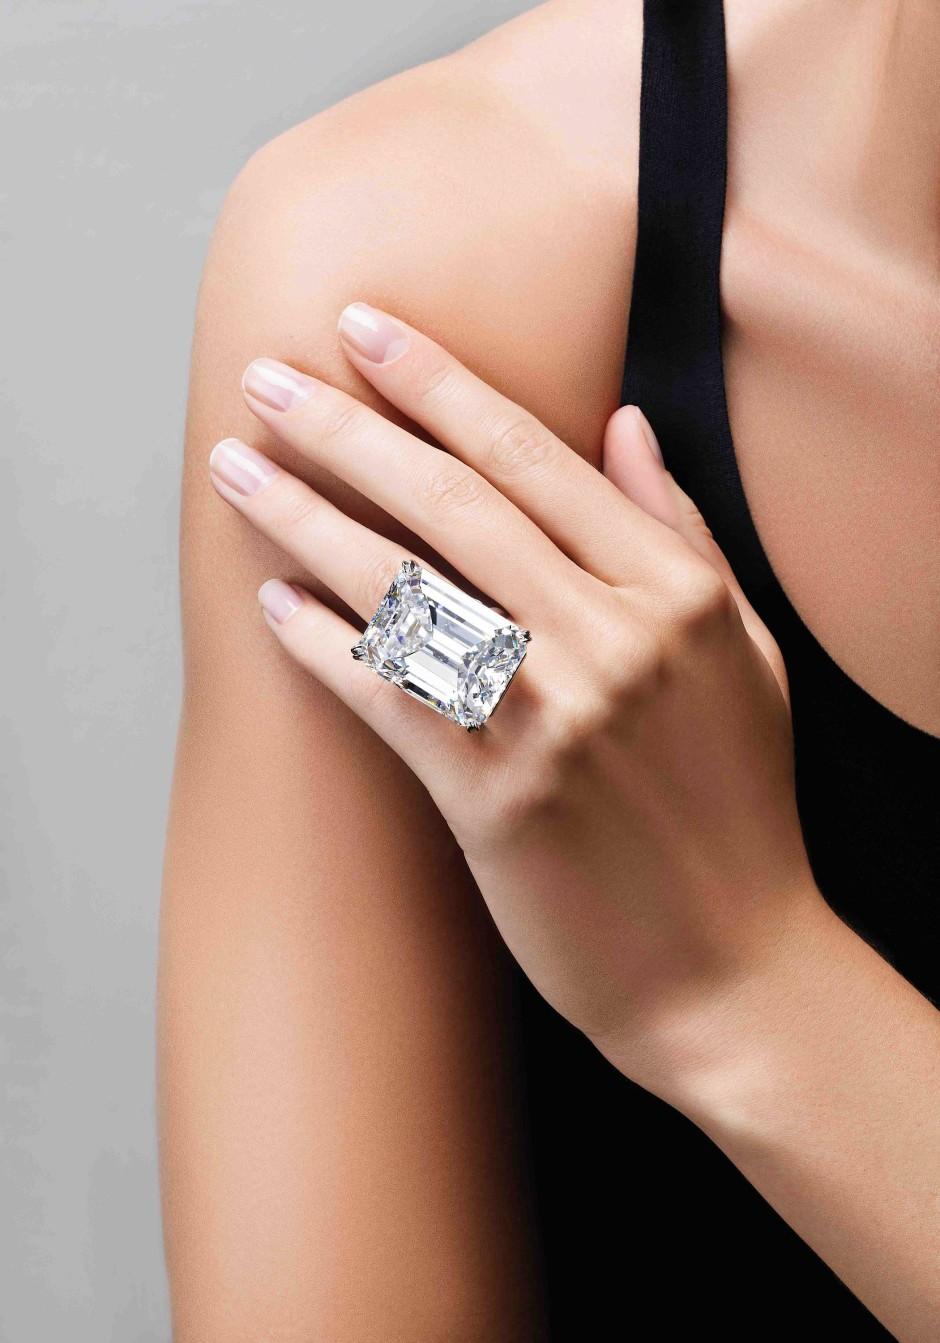 bilderstrecke zu wie kaufe ich mir einen diamanten. Black Bedroom Furniture Sets. Home Design Ideas